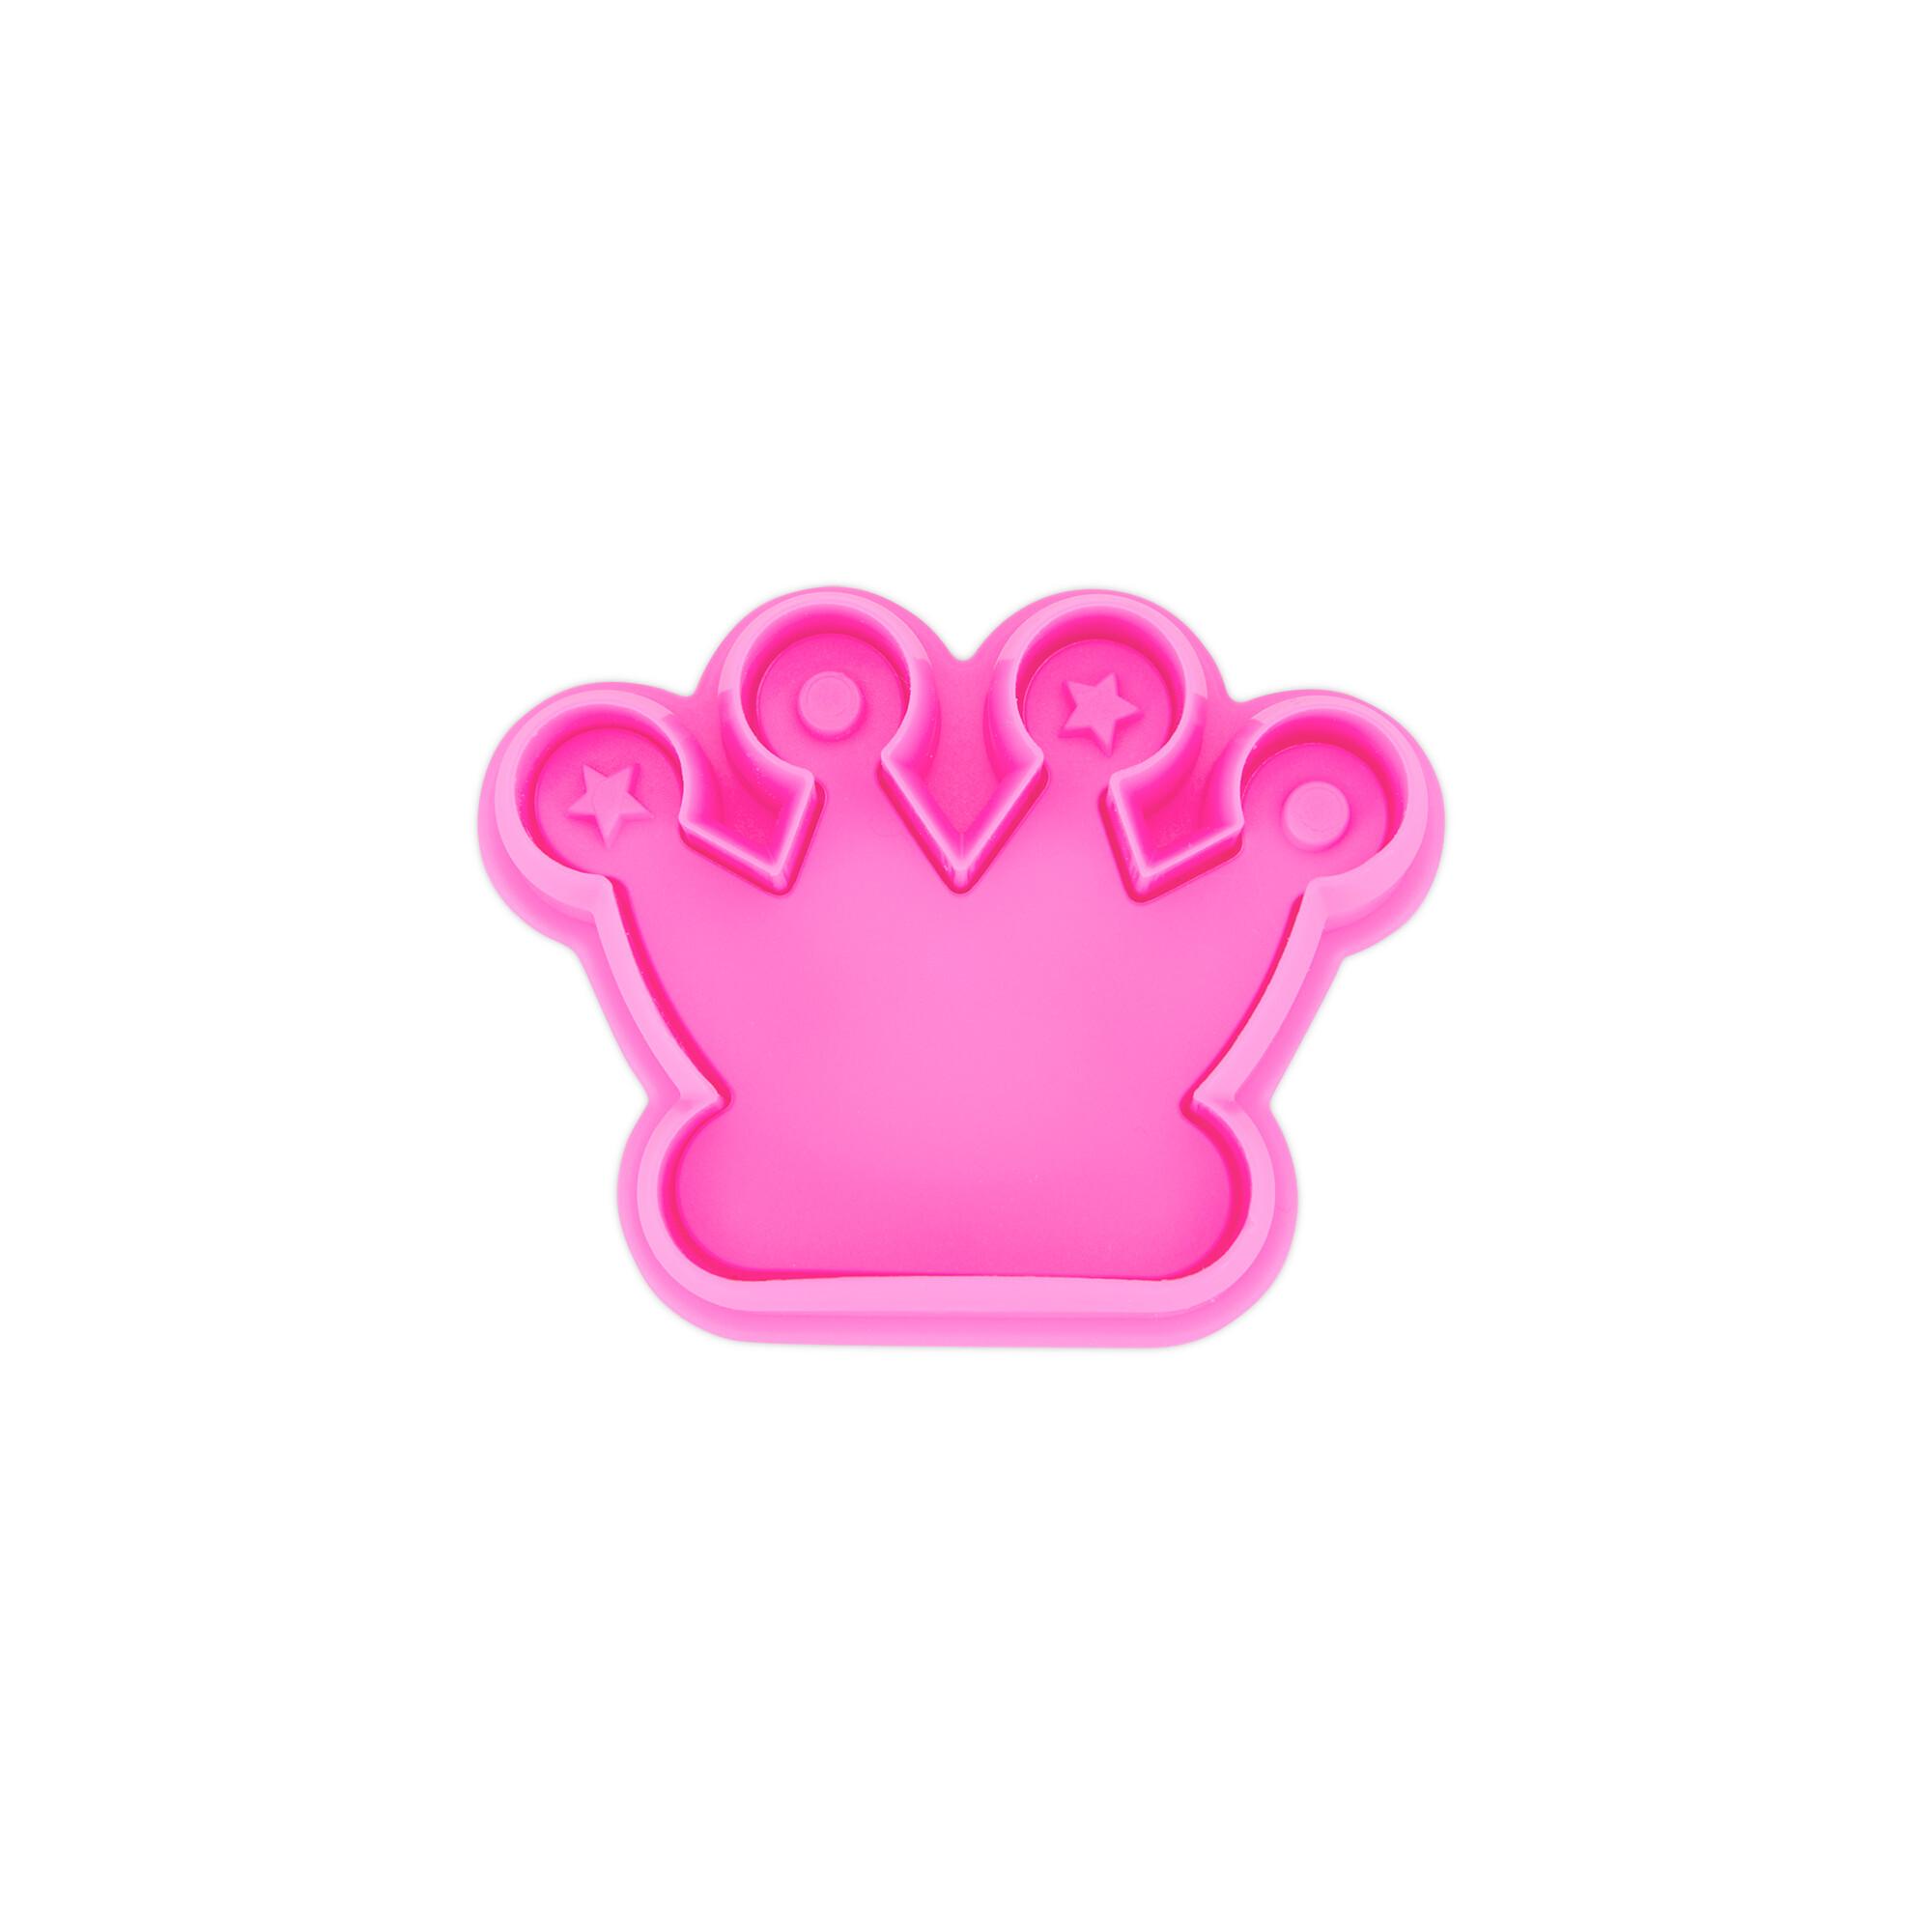 Präge-Ausstecher mit Auswerfer - Krone